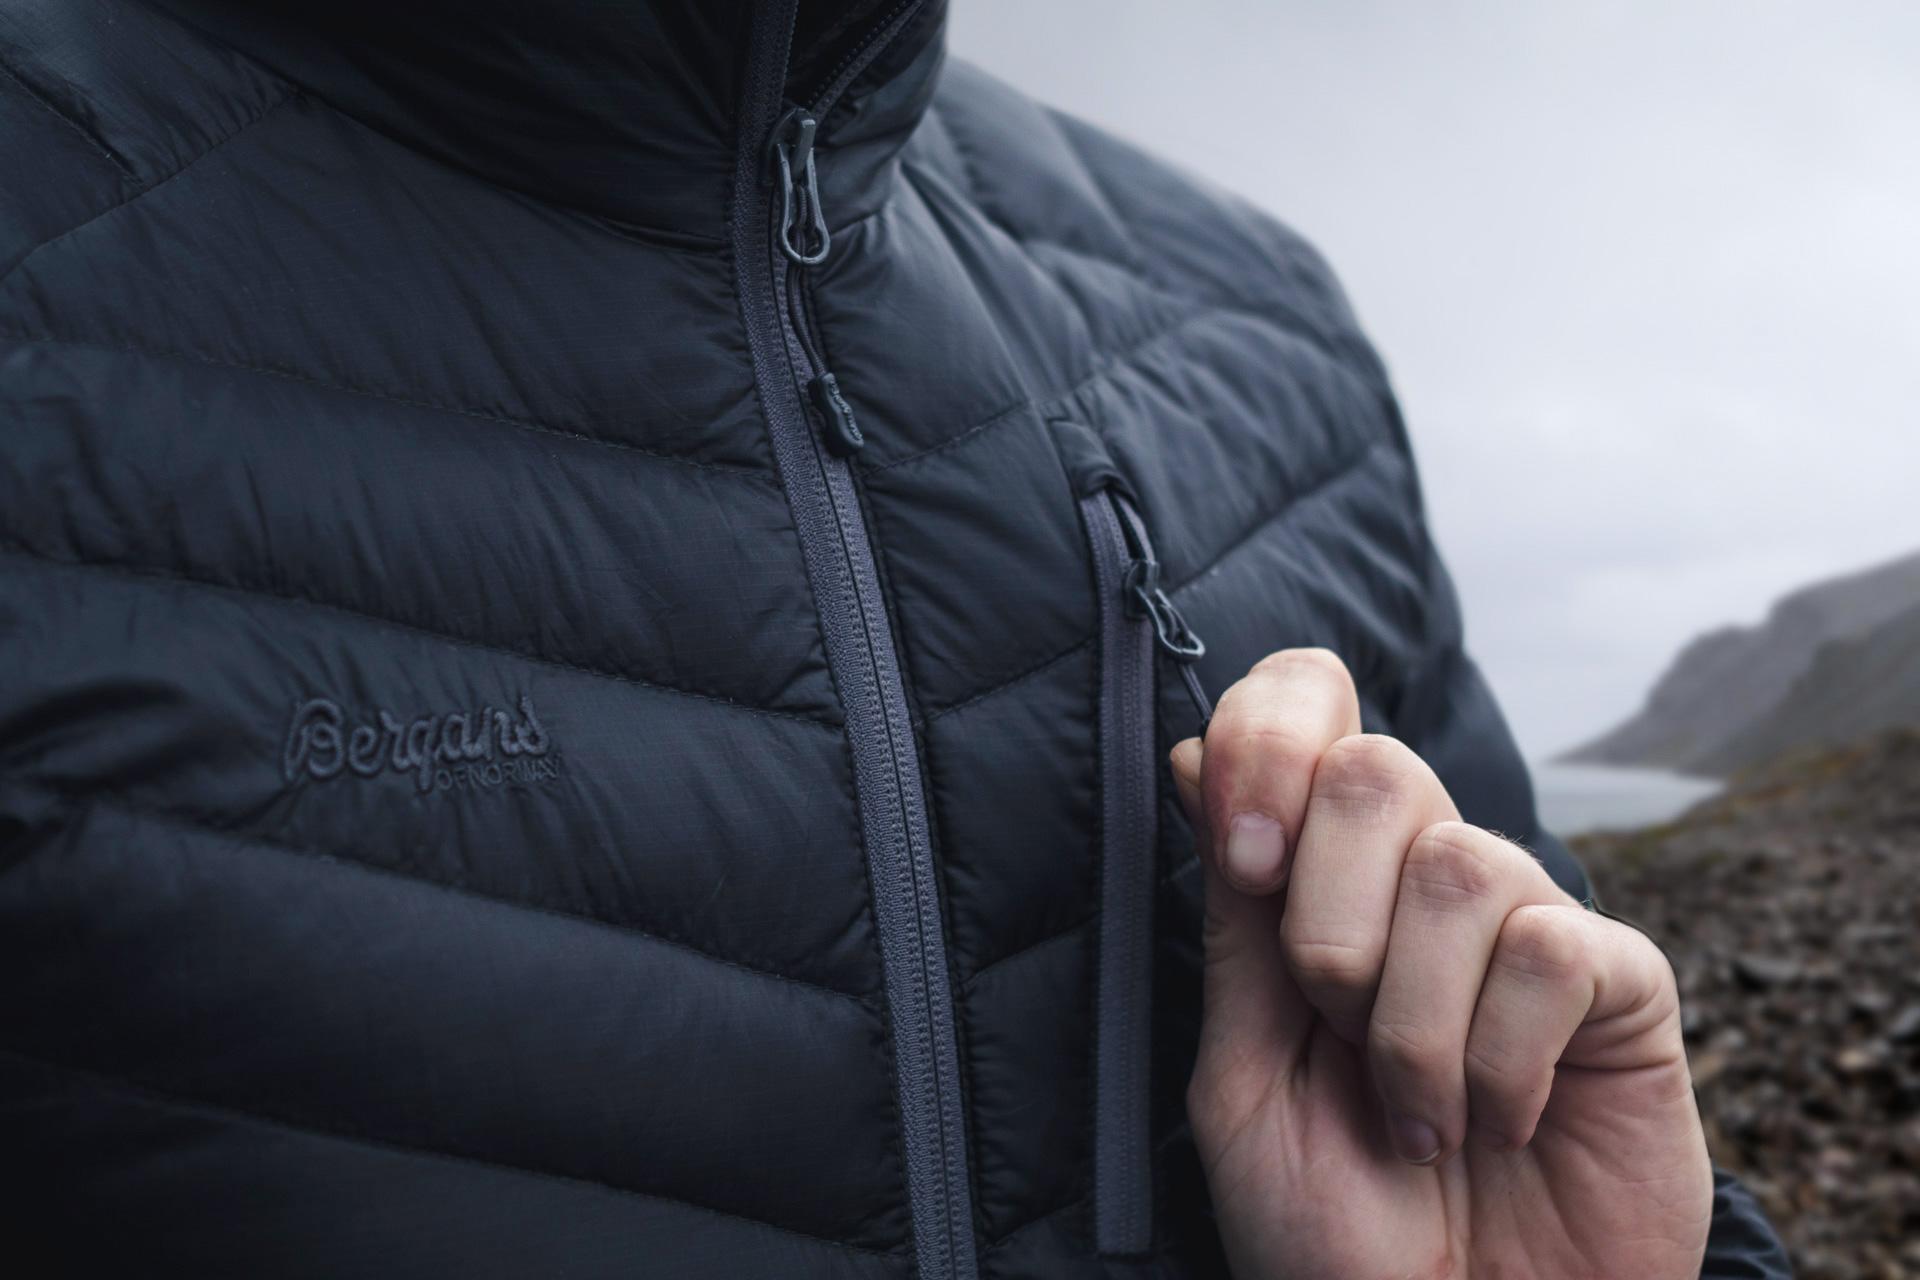 uusin muotoilu hyvä rakenne Outlet myymälä Bergans Slingsbytind | The down jacket for adventurers ...